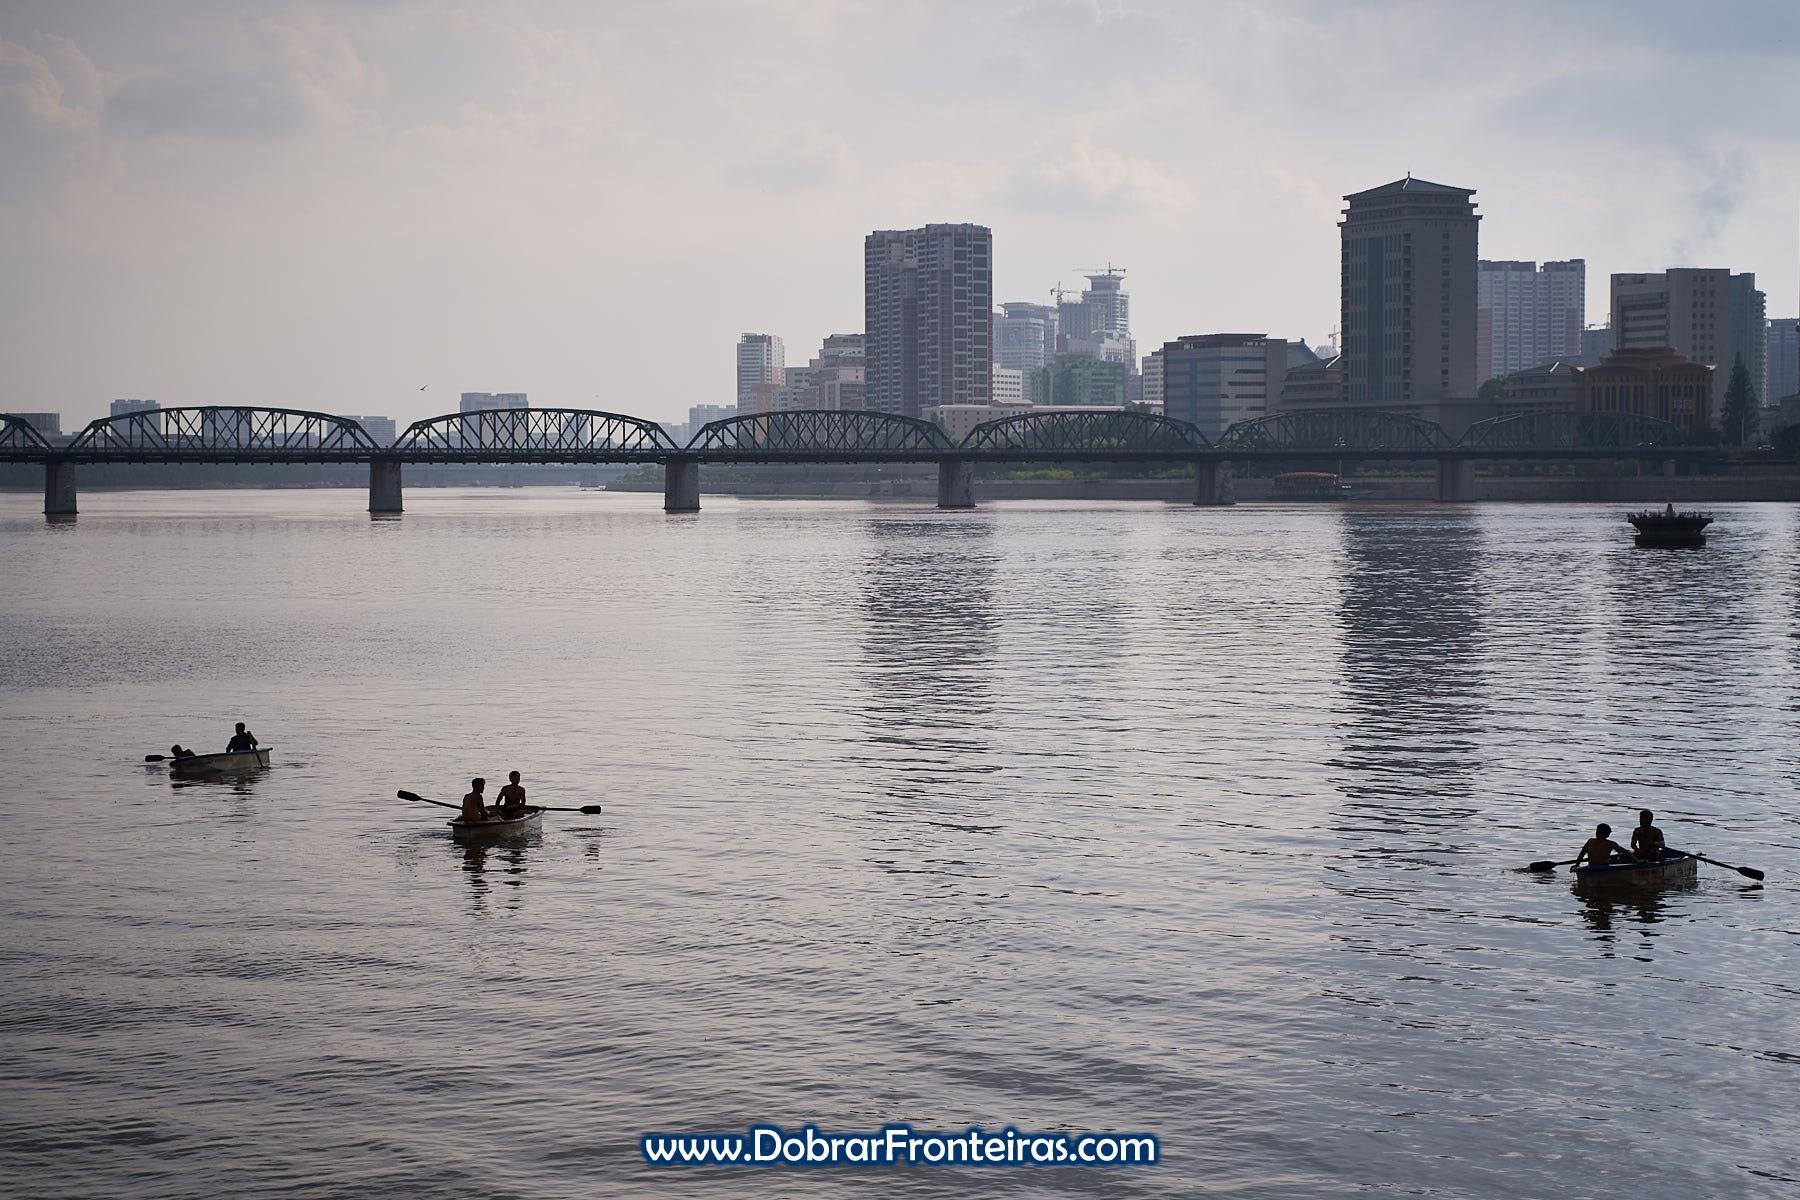 Barcos no rio Taedong com ponte ao fundo